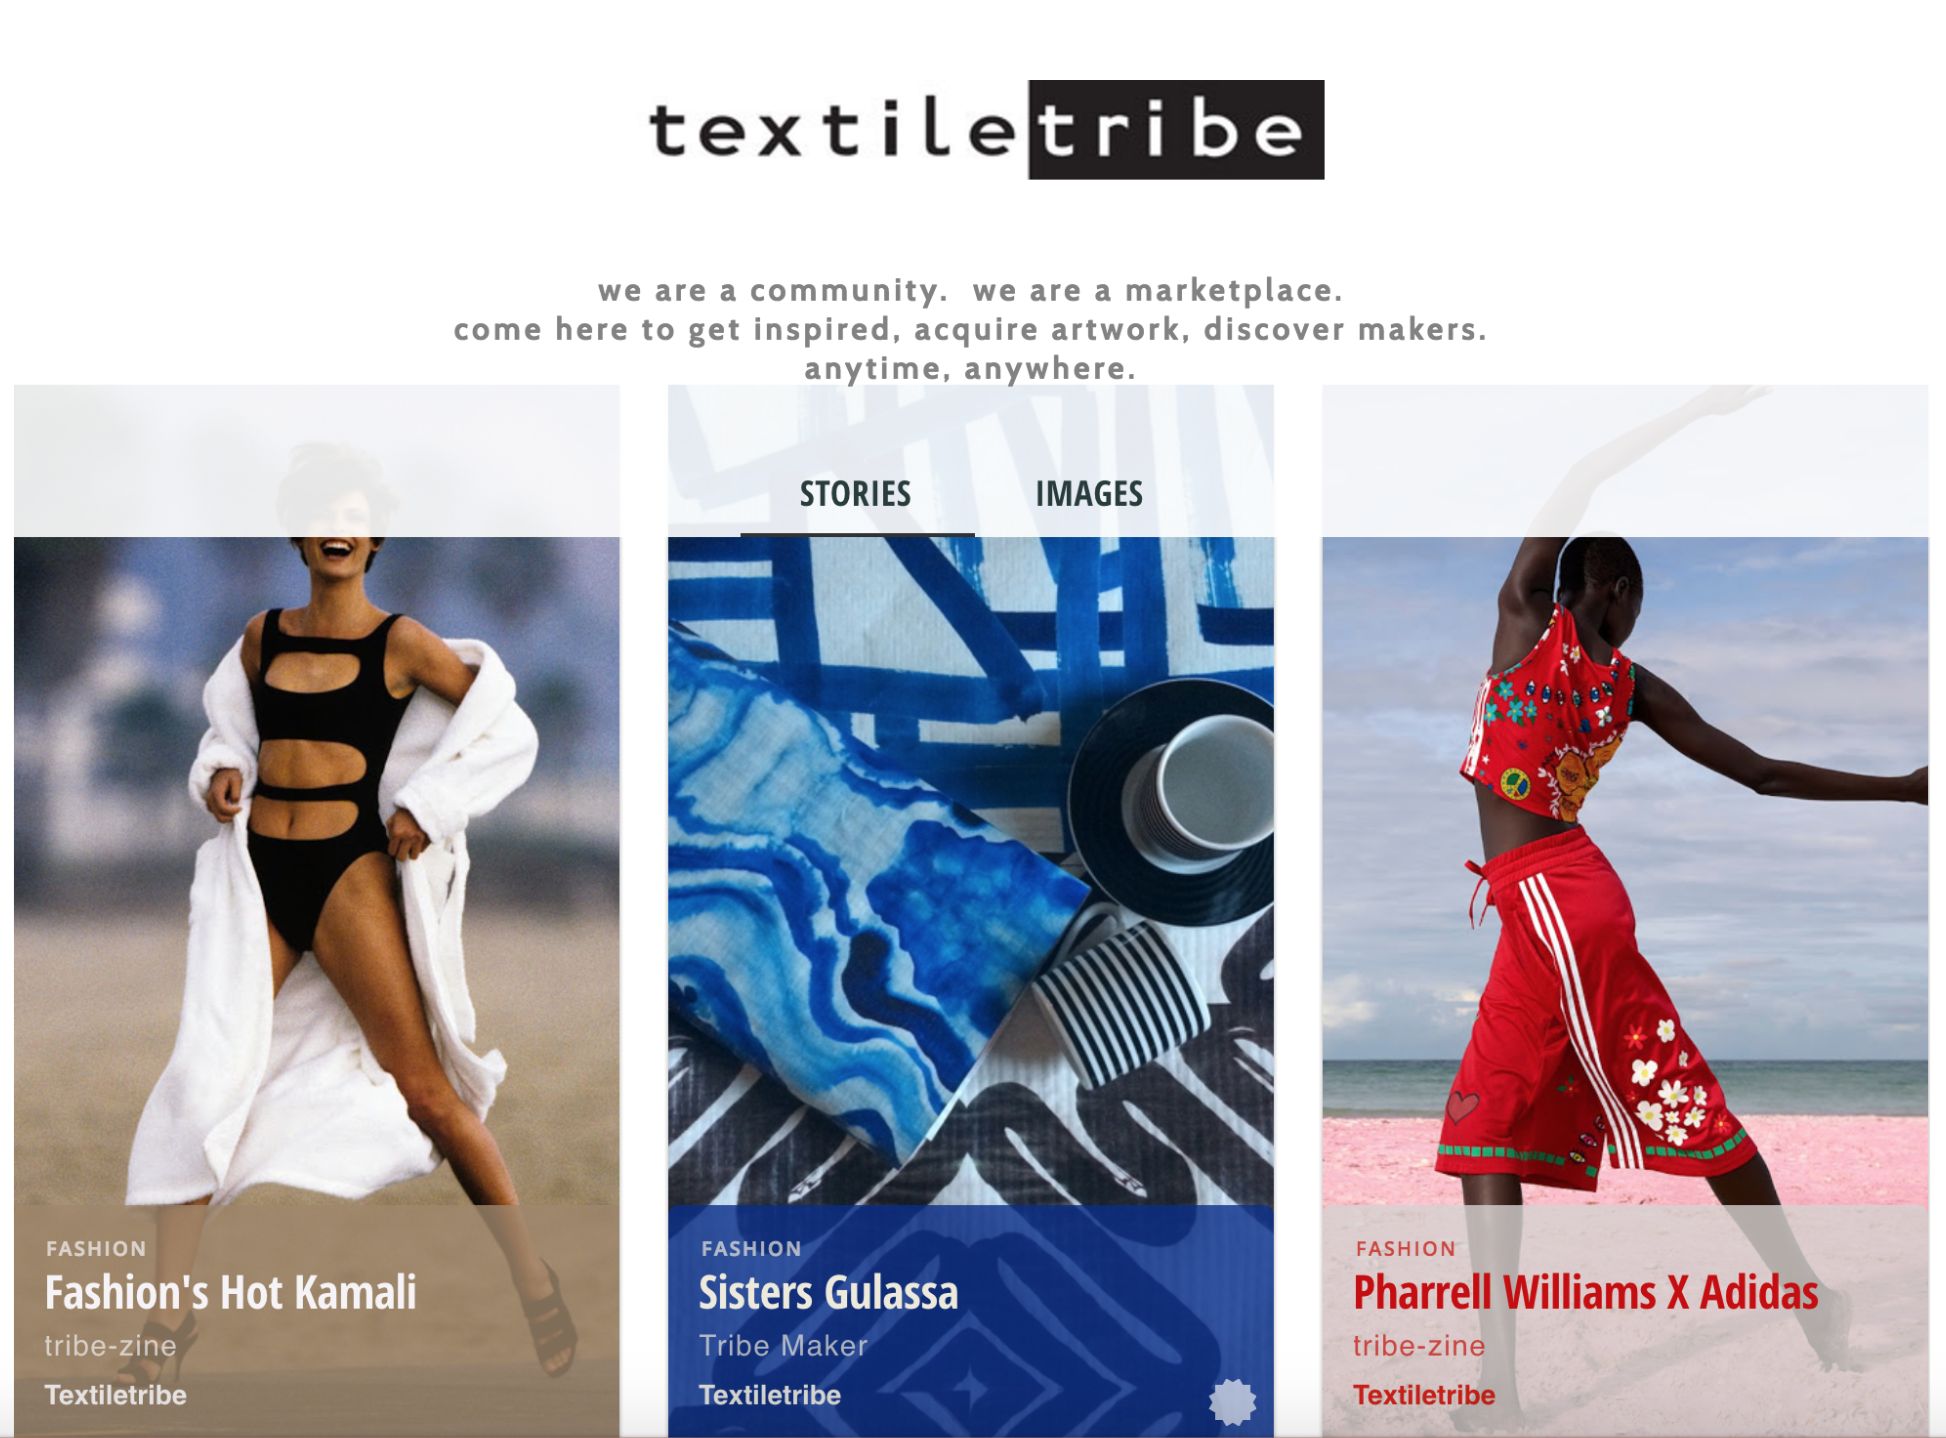 textiletribe.jpg